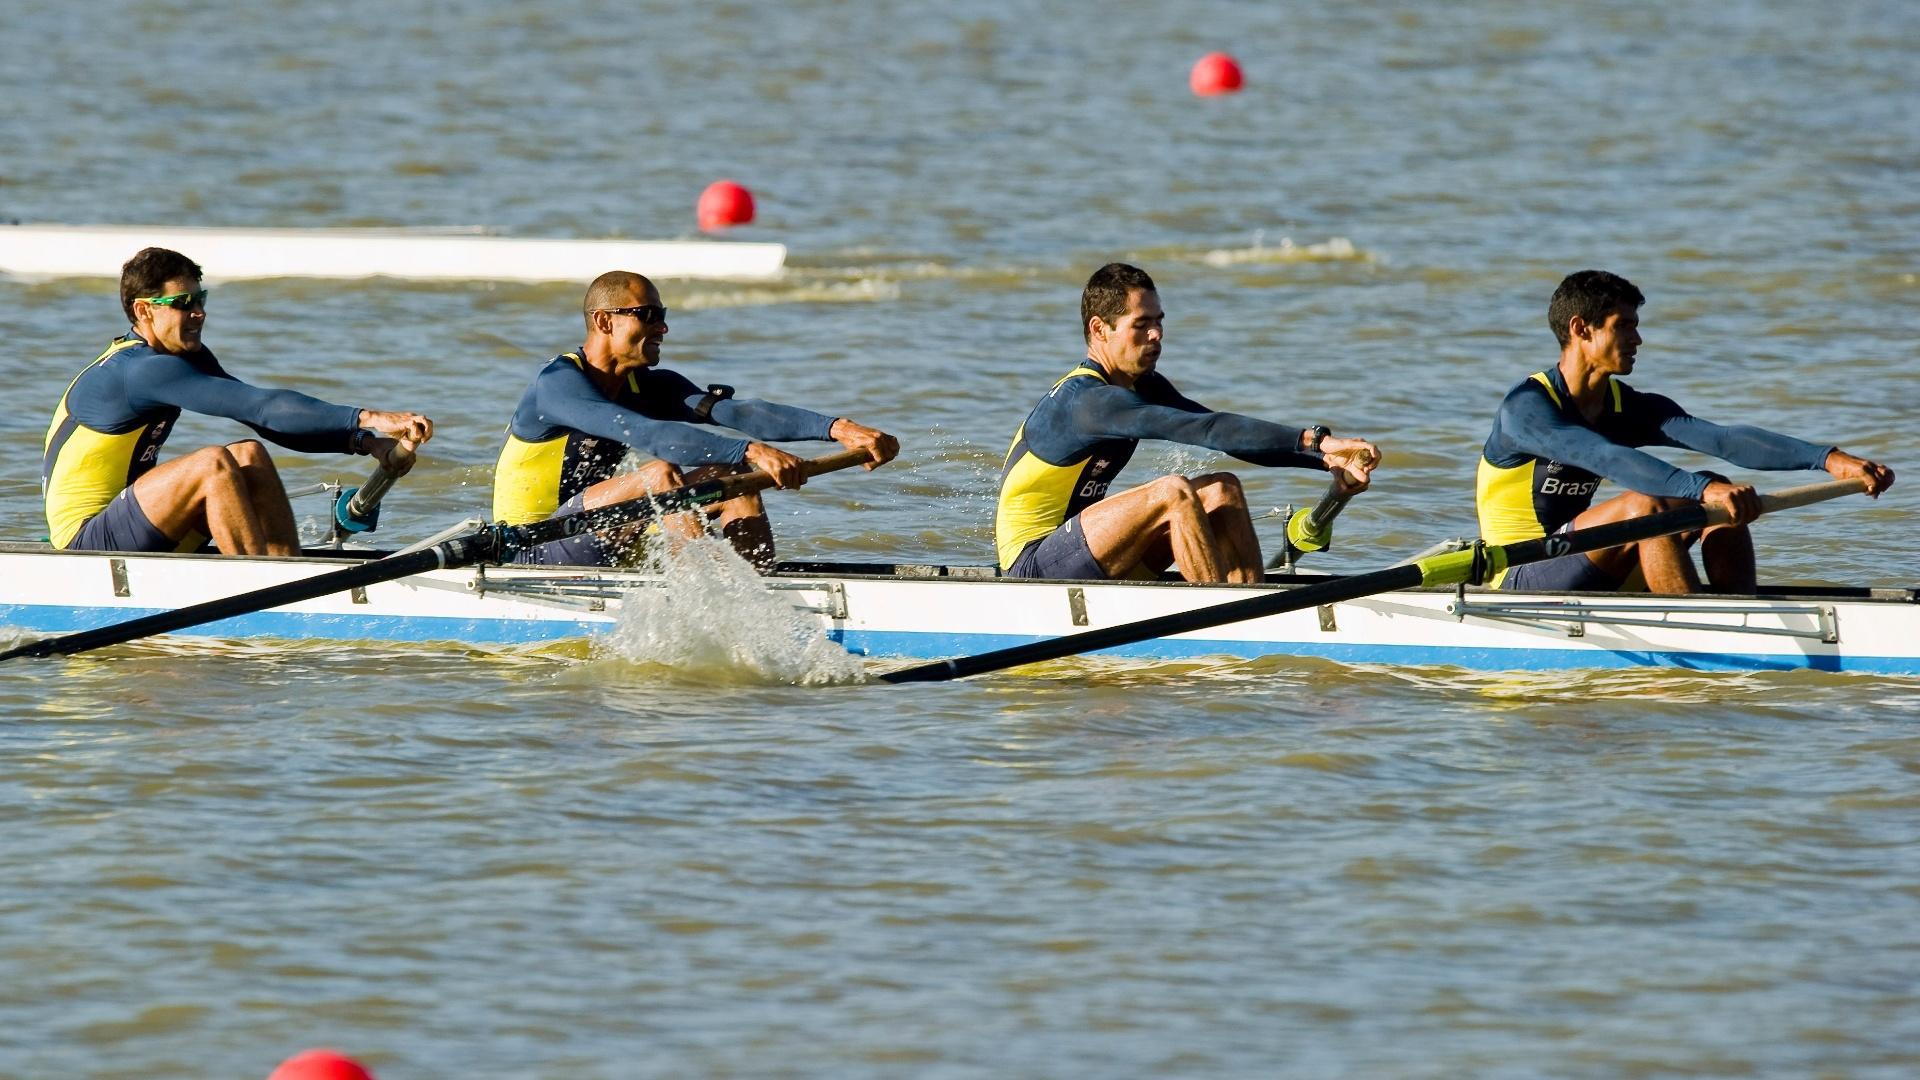 A equipe do Brasil nos quatro sem leve, formada por Sobral Júnior, Thiago Almeida, Celio Amorim e Ailson Silva, terminou na 3ª colocação e foi para a repescagem (16/10/2011)